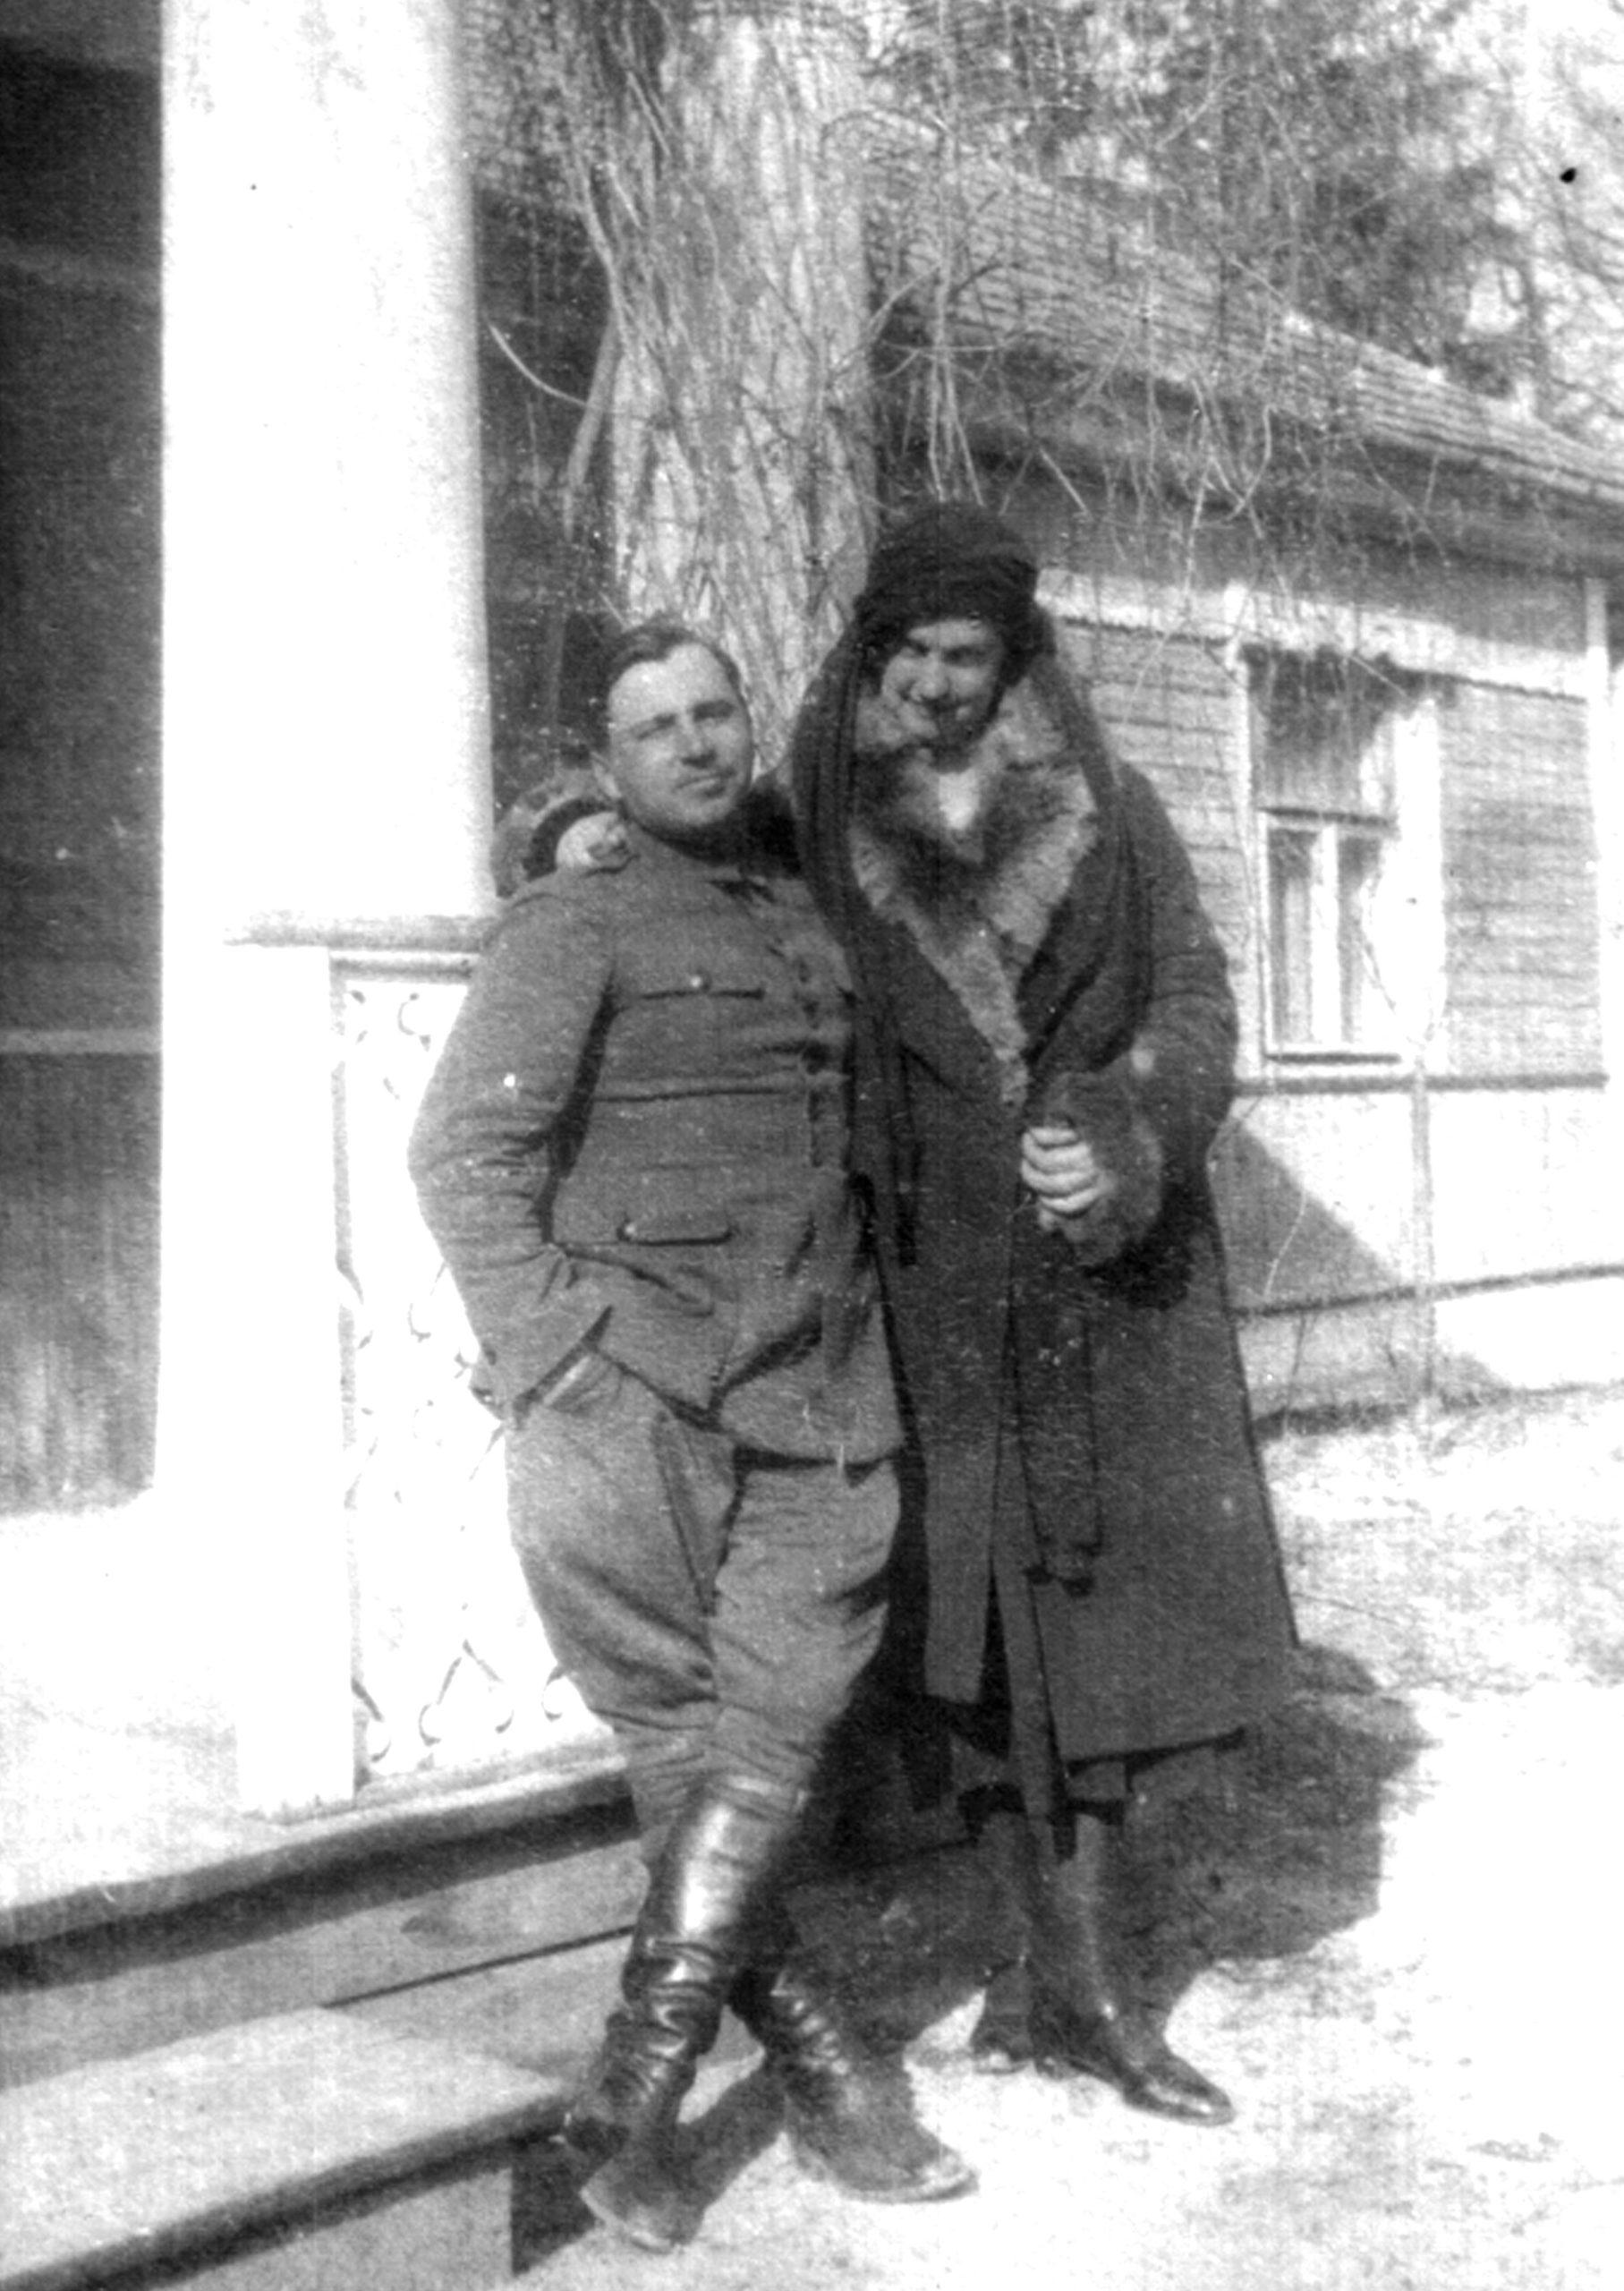 Волонсевич